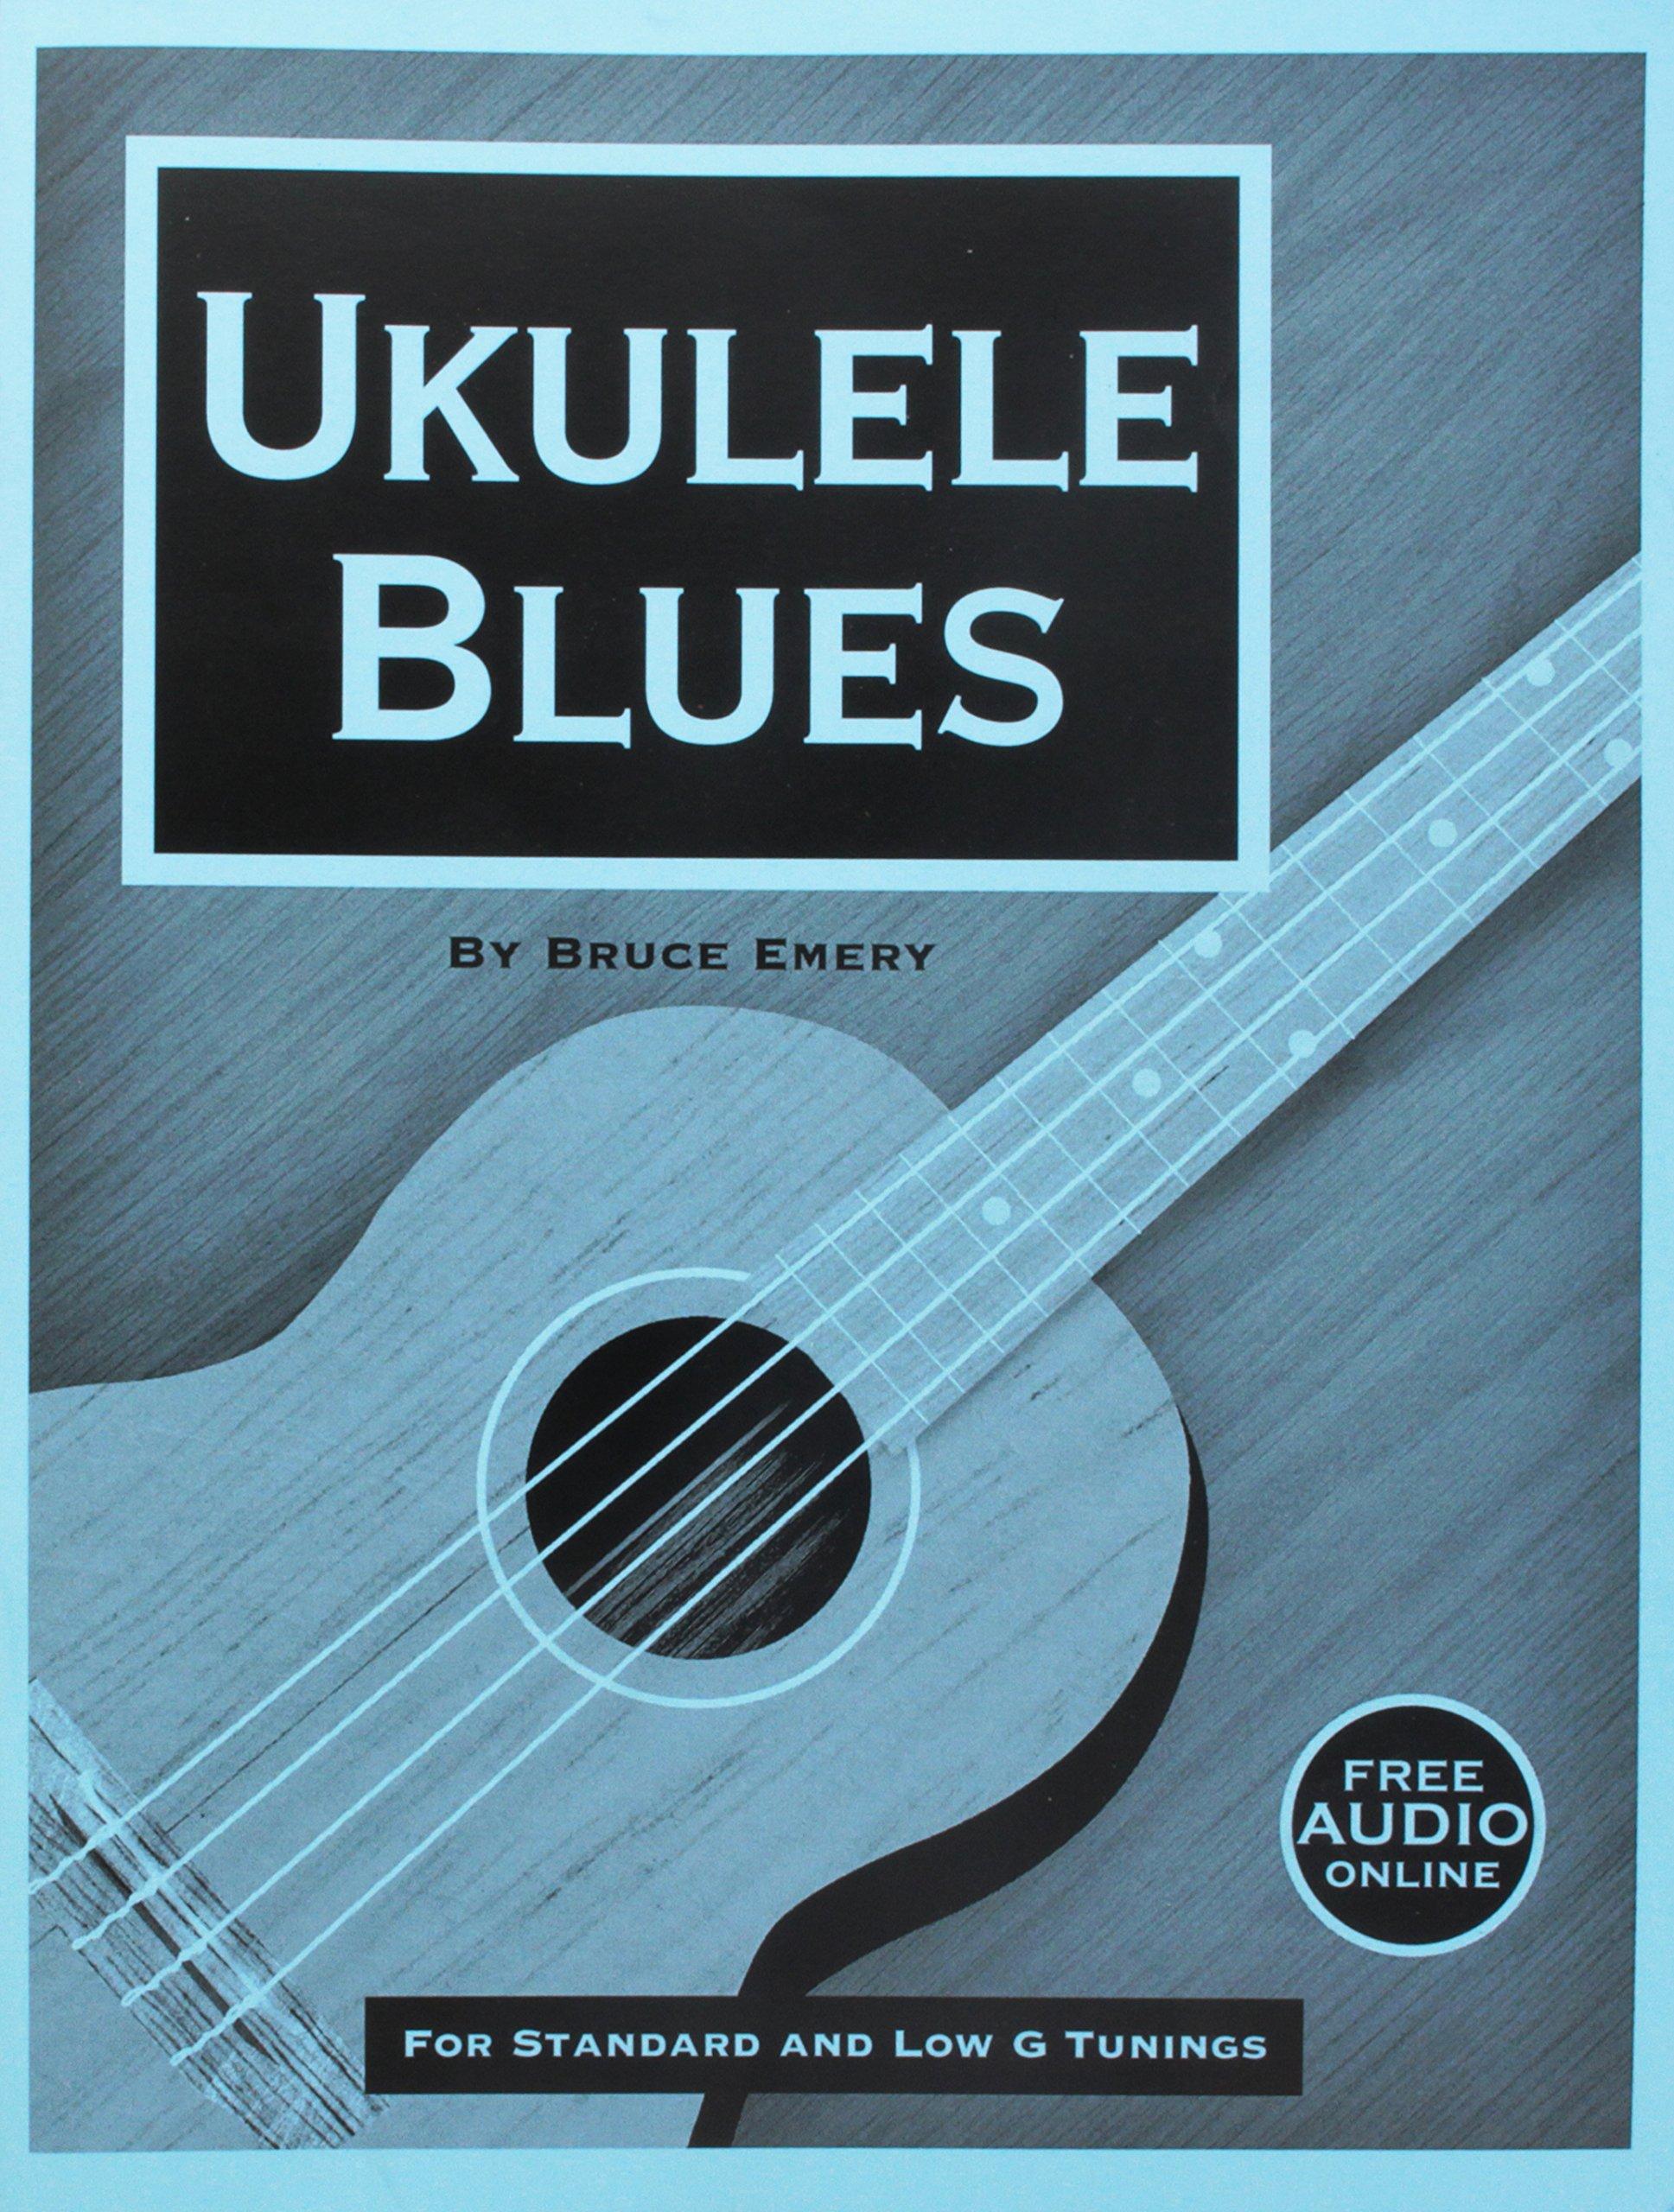 Ukulele Blues